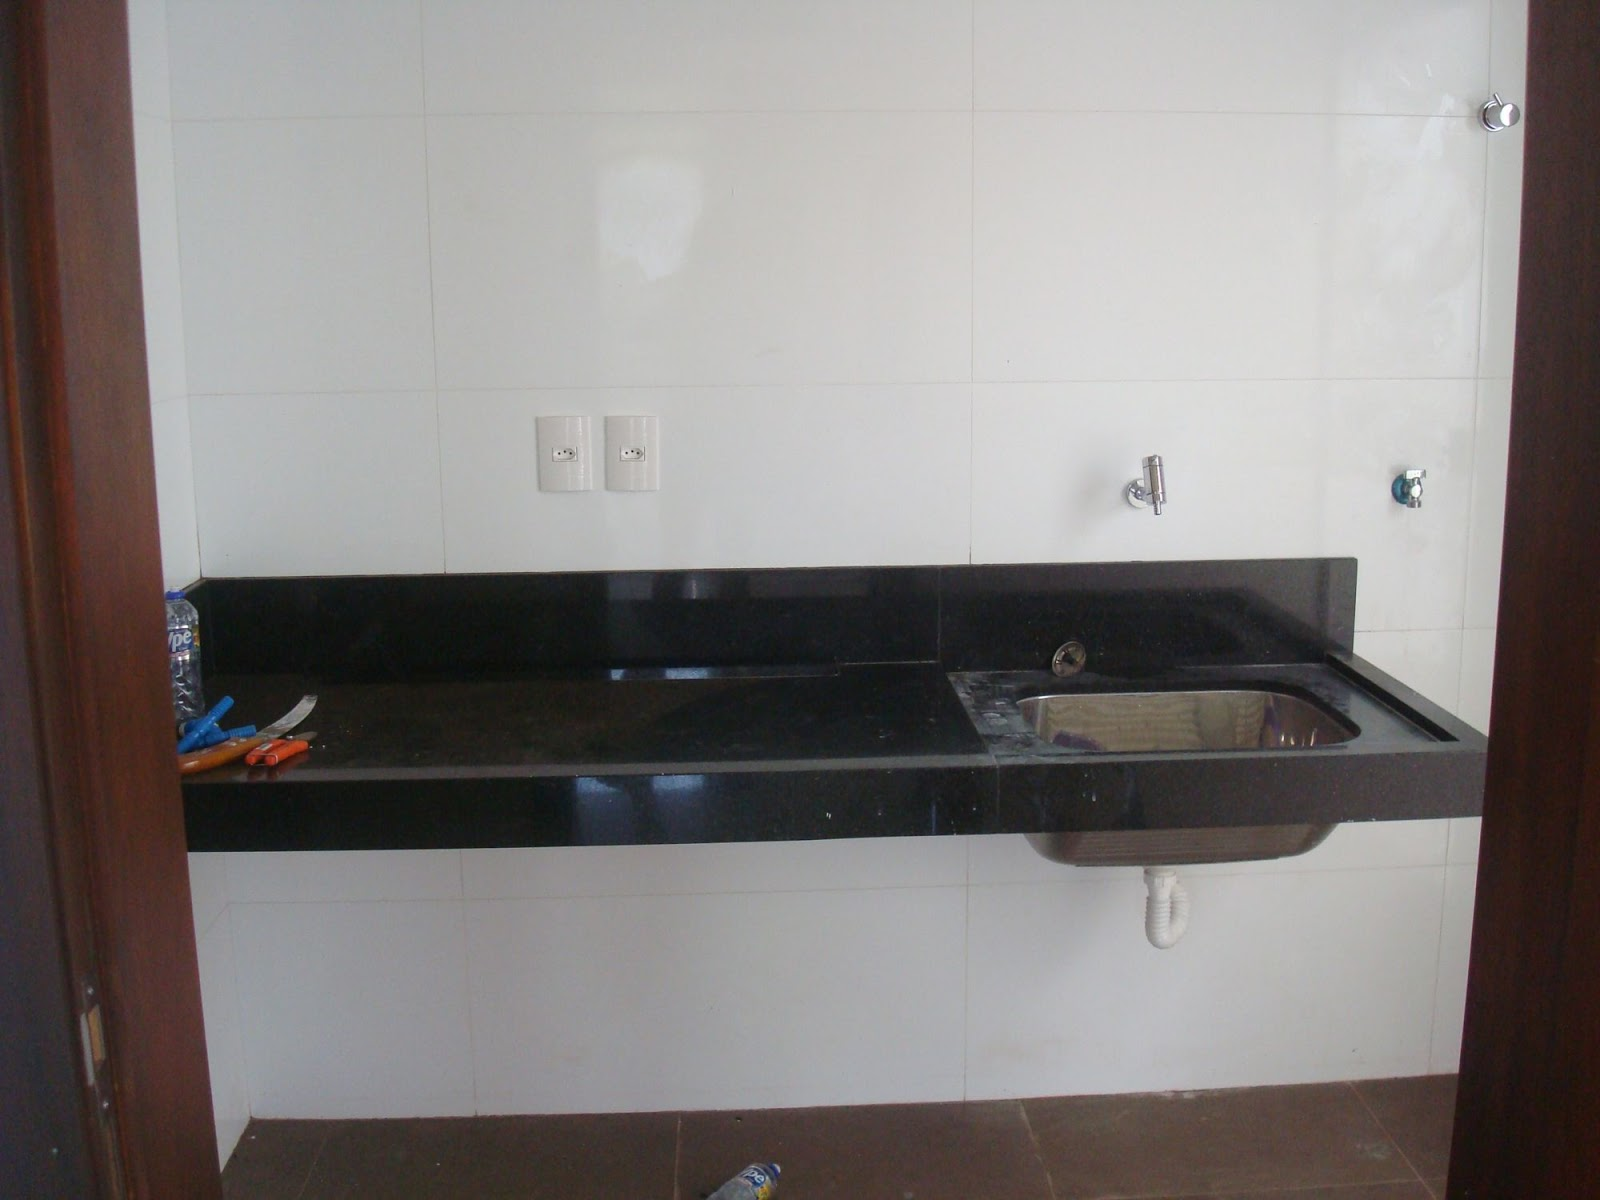 Construindo um Castelinho: Qual o porcelanato? E o revestimento? #3A4B63 1600x1200 Banheiro Branco Com Rejunte Escuro